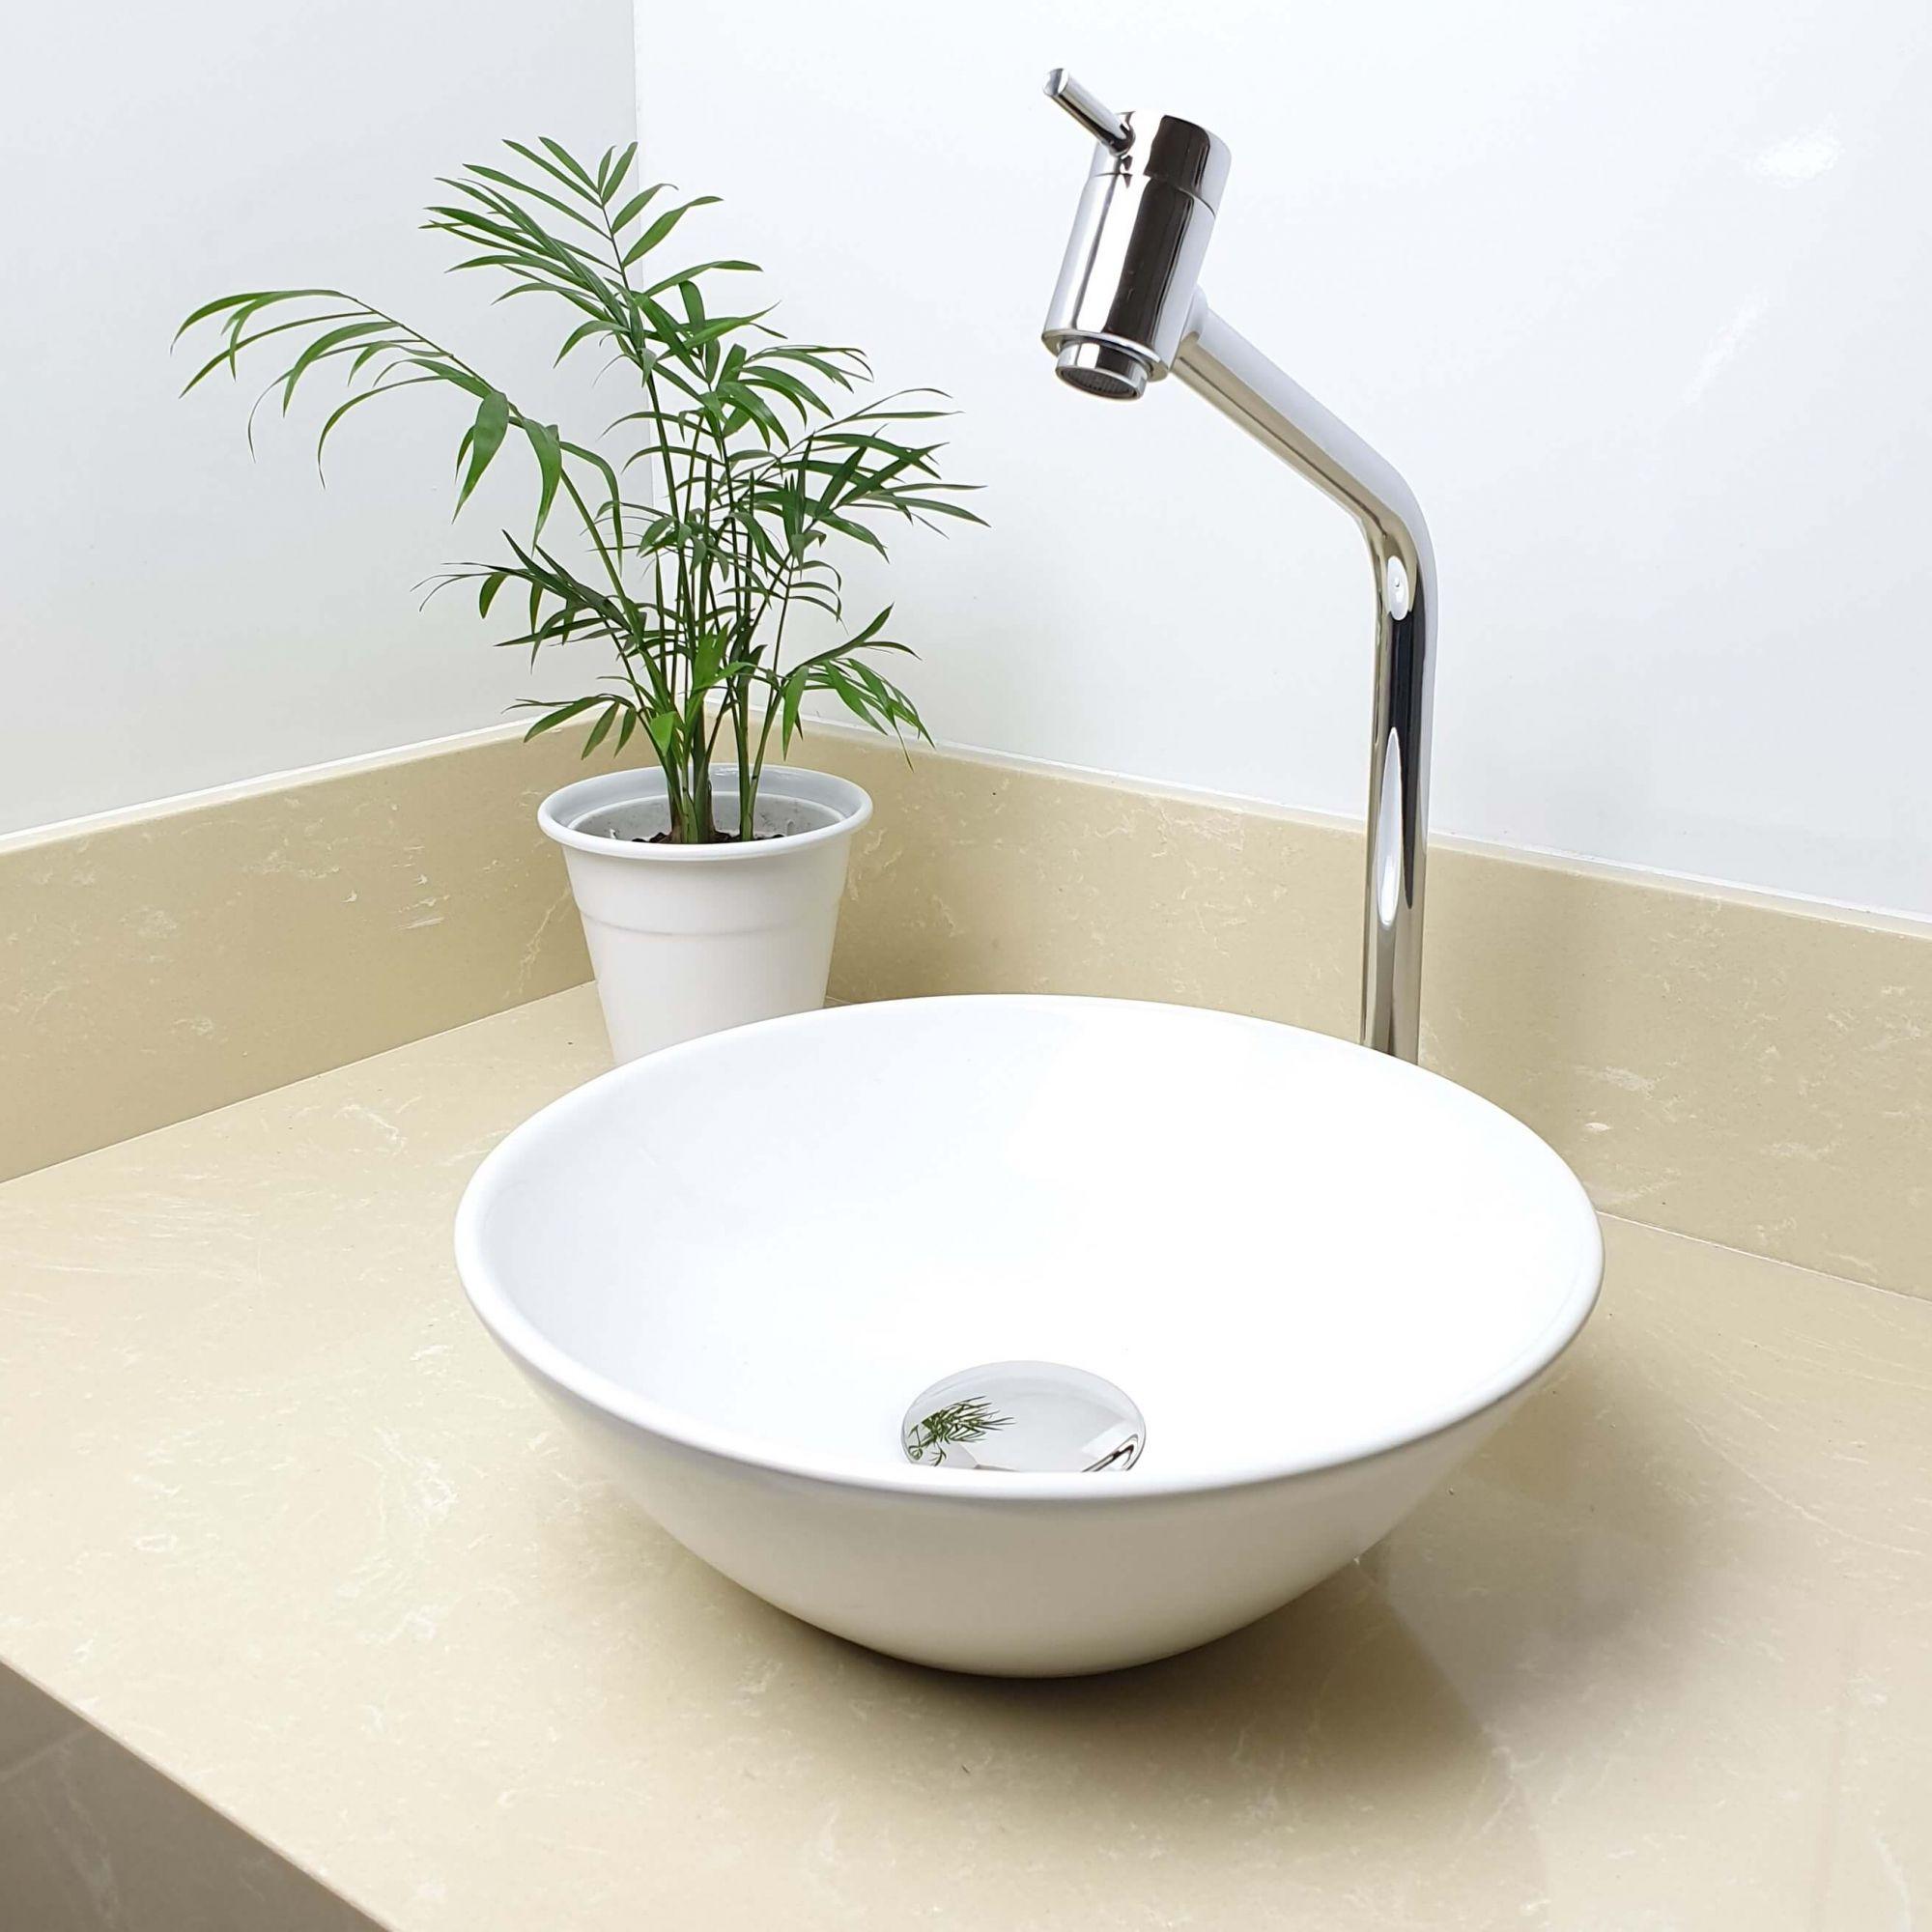 Cuba Banheiro Apoio Redonda 29x10cm com Torneira Bica Alta,  Válvula Click  Sifão e Flexível  - DOTEC SHOP